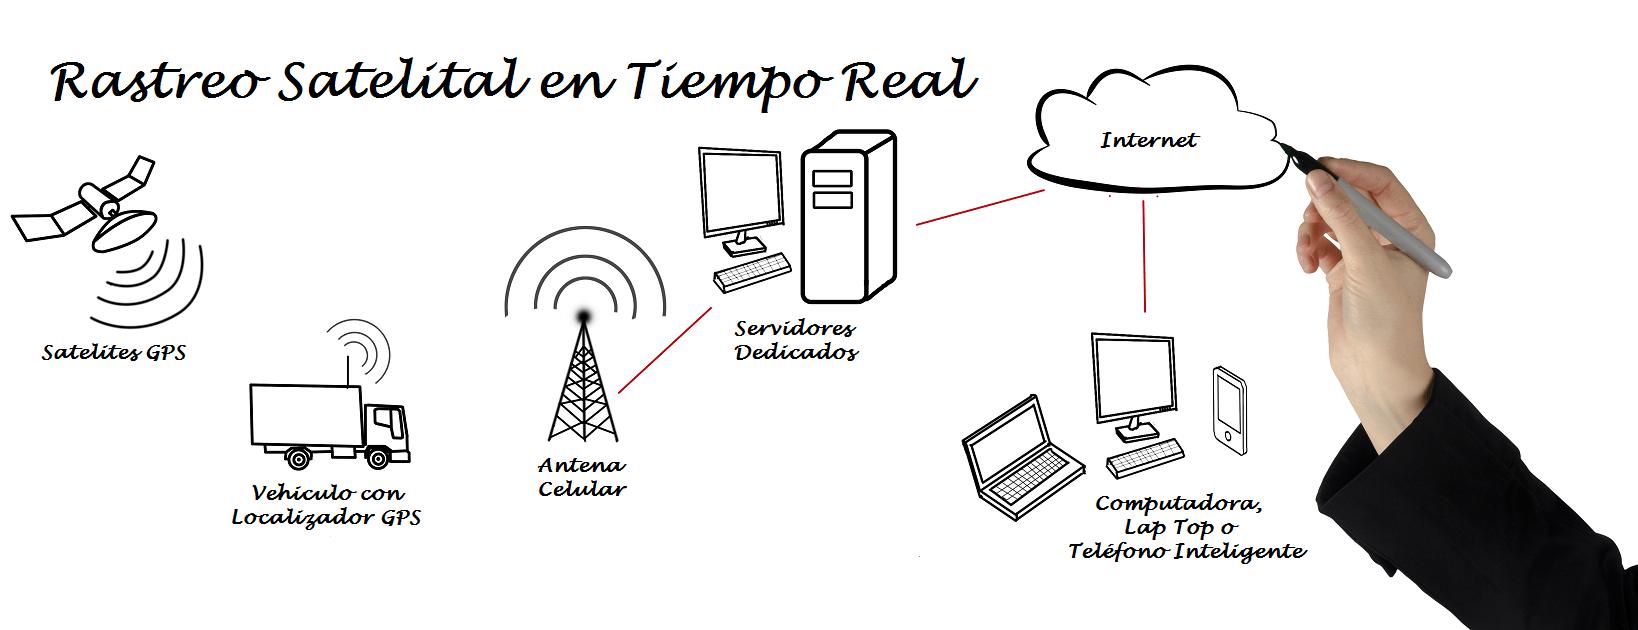 Estructura de rastreo satelital